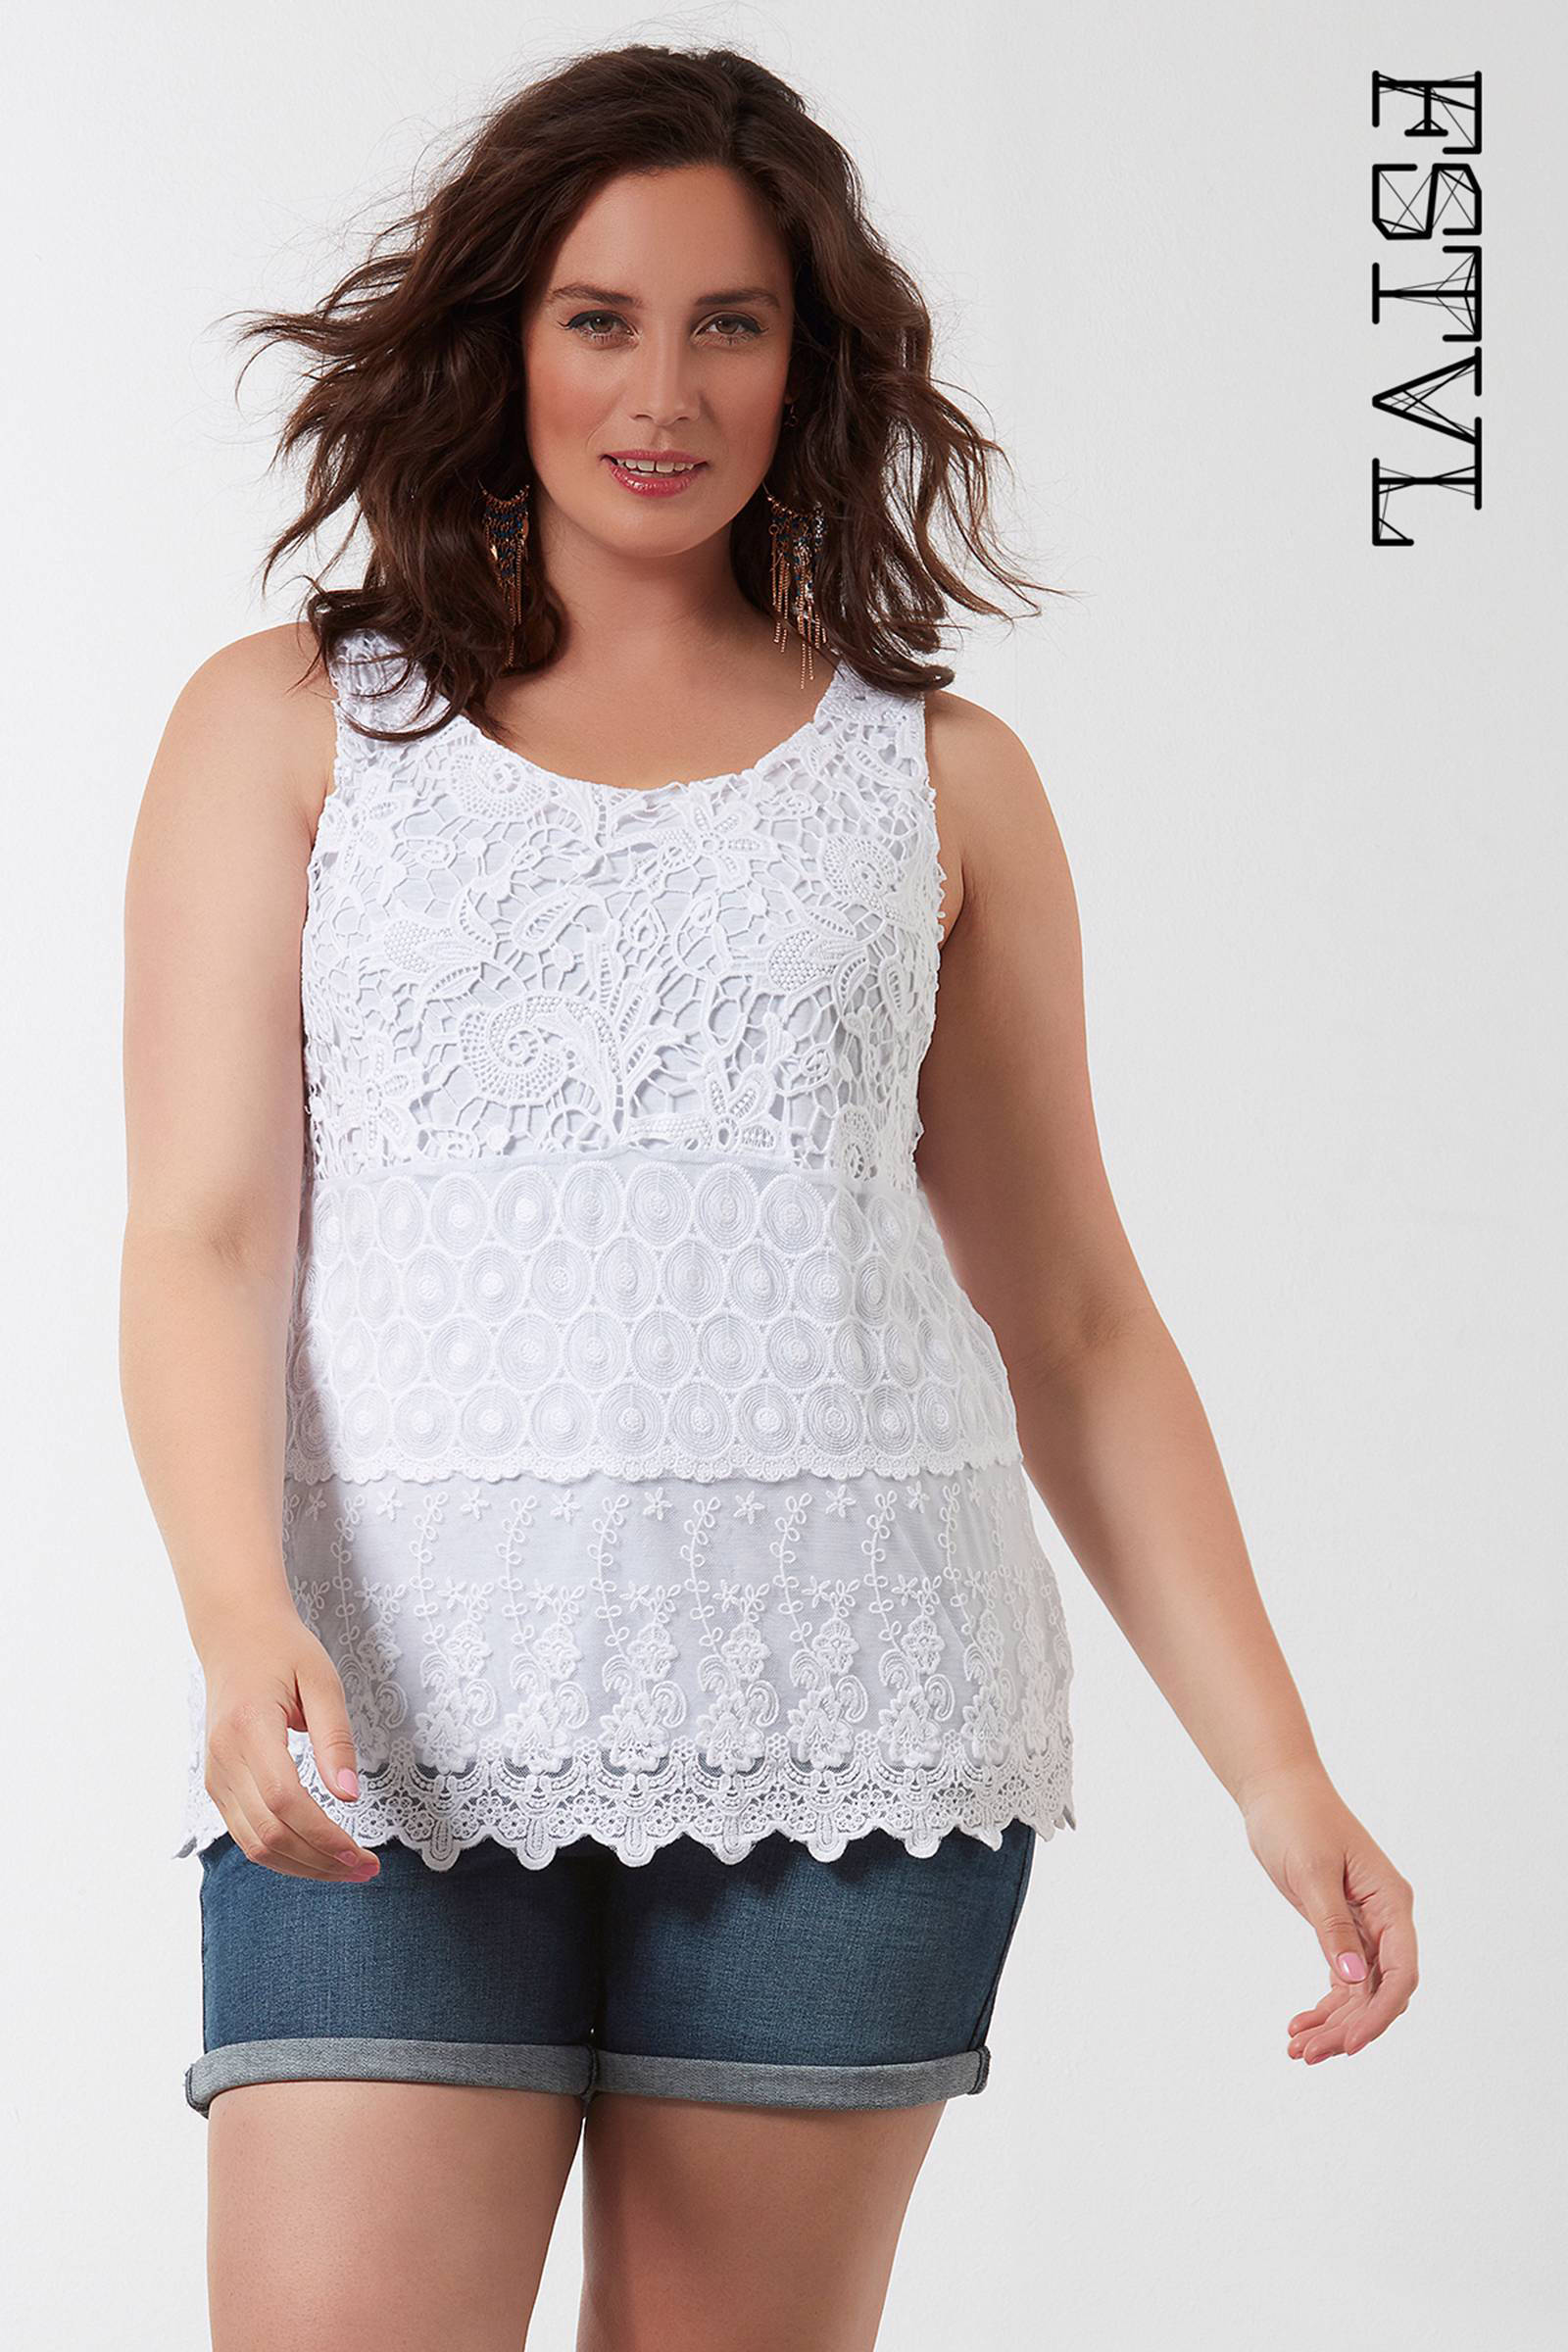 Uitzonderlijk MS Mode gehaakte top wit | wehkamp &RR81